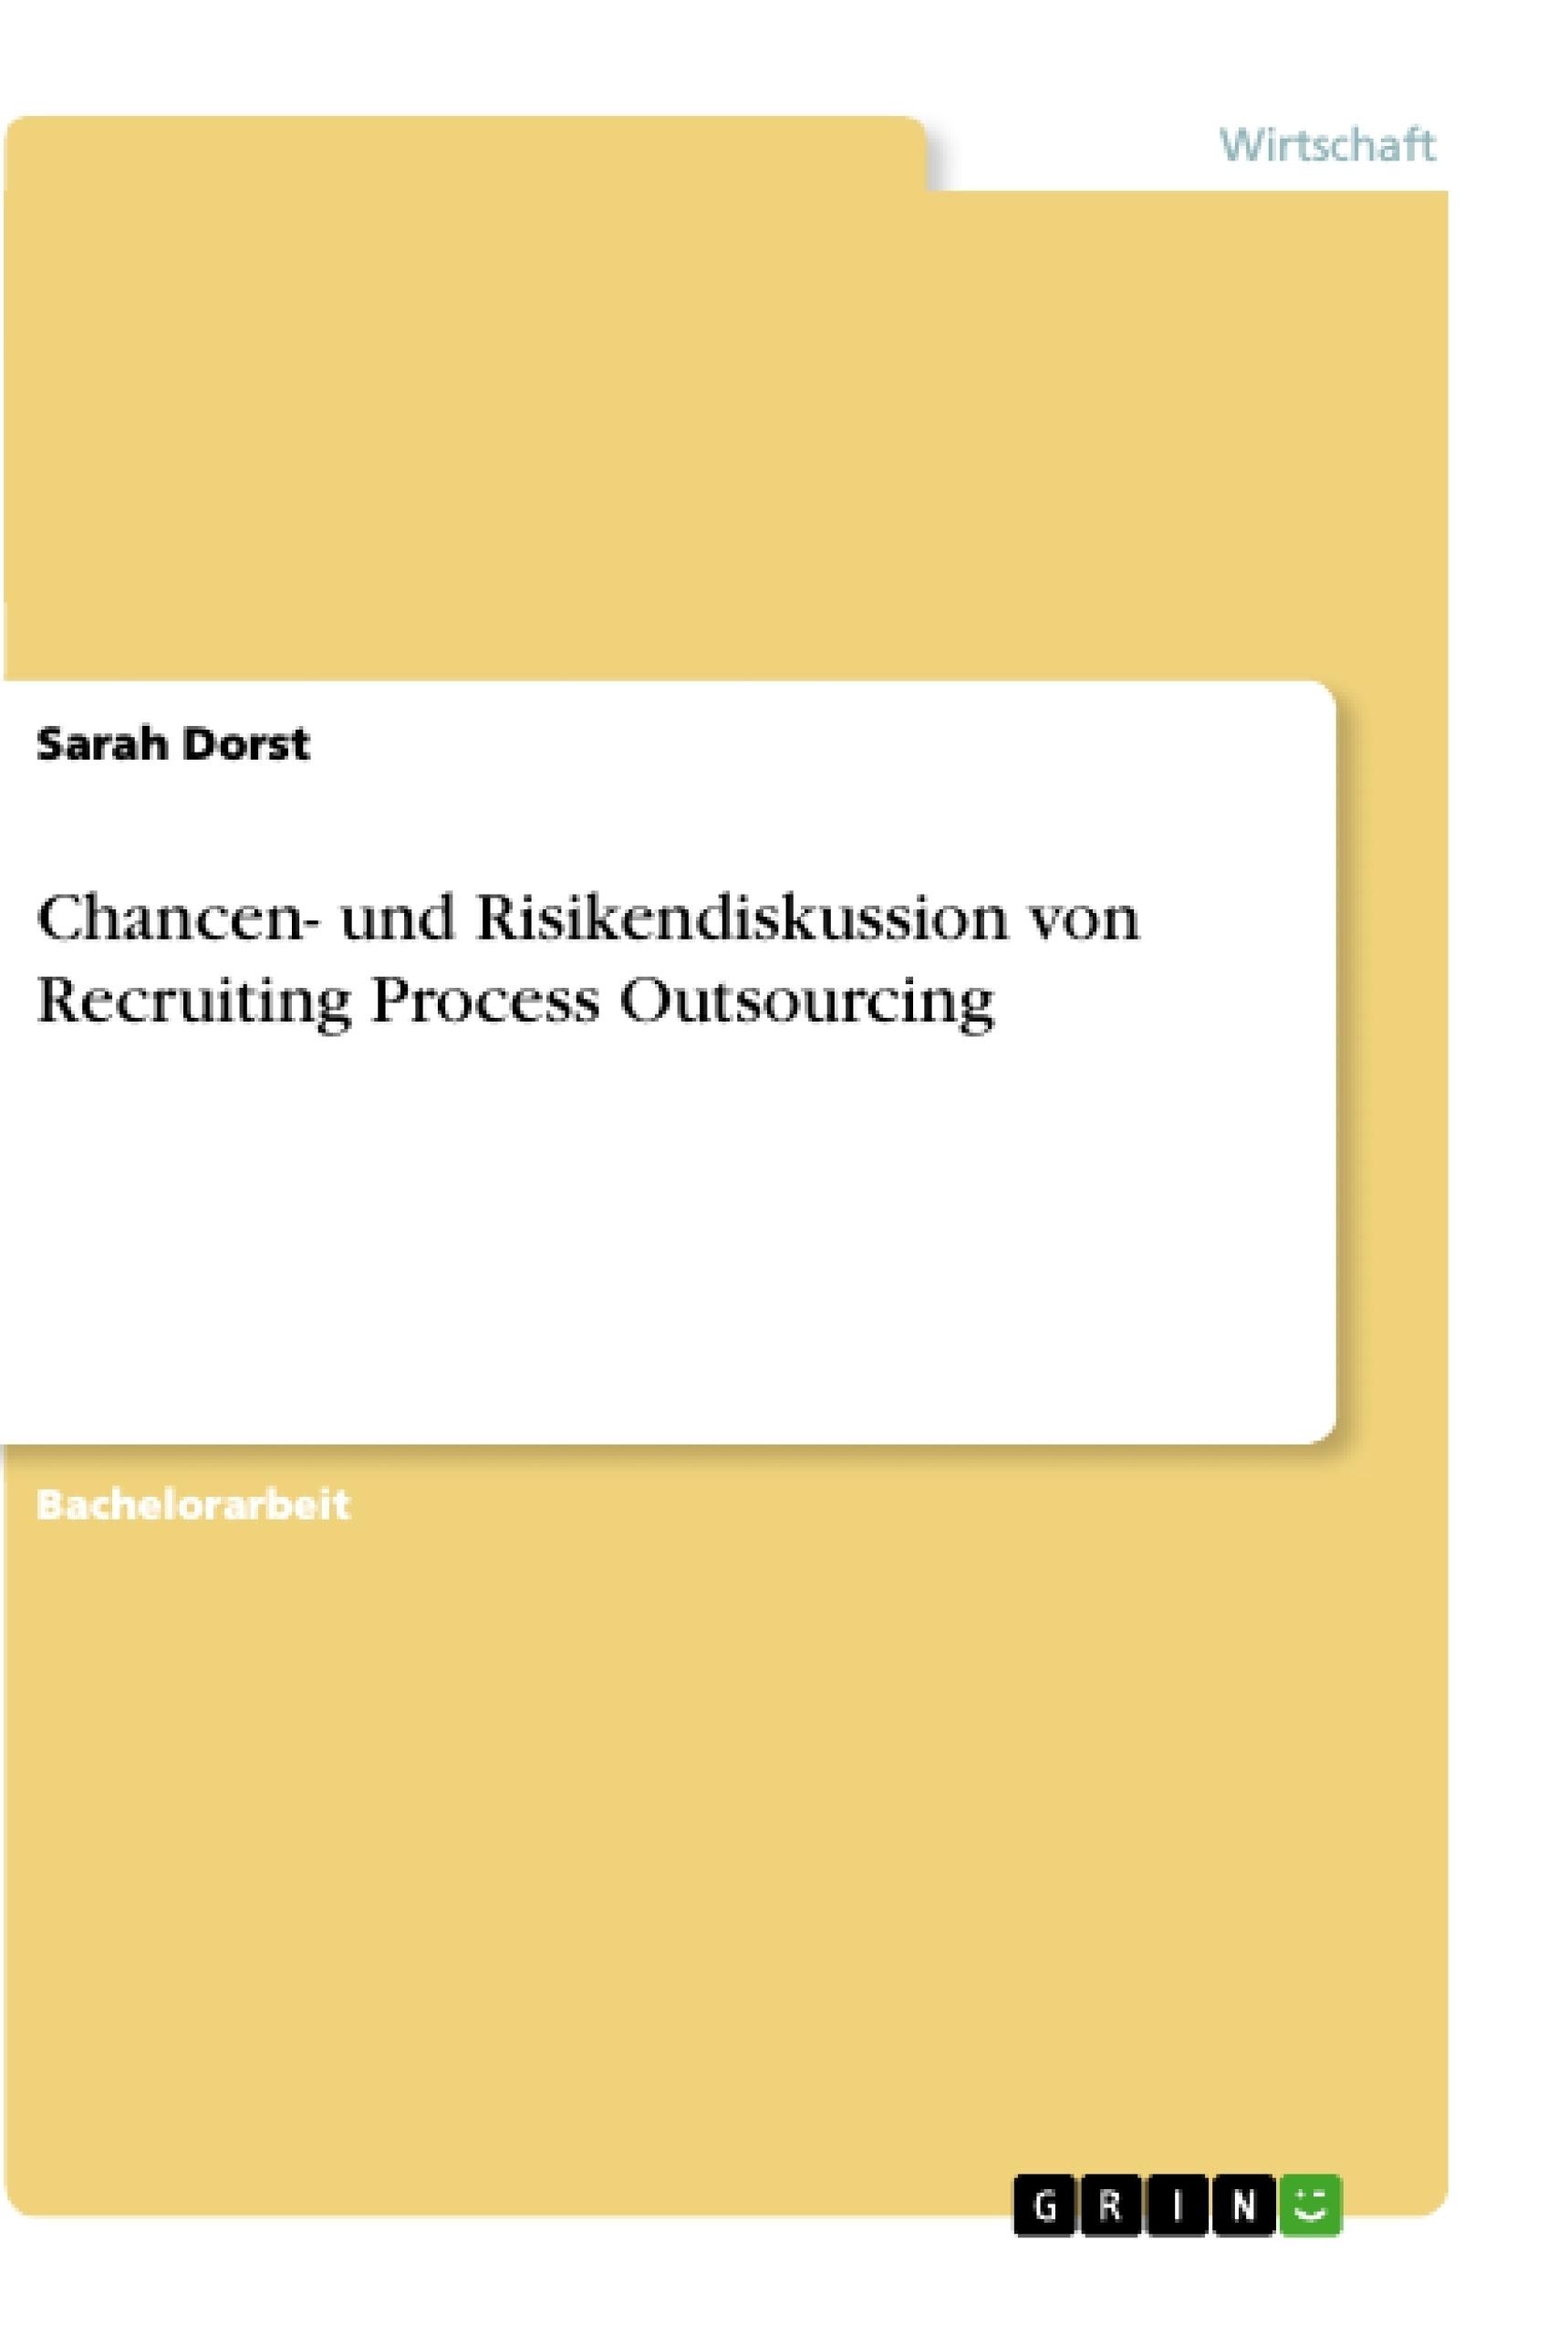 Titel: Chancen- und Risikendiskussion von Recruiting Process Outsourcing